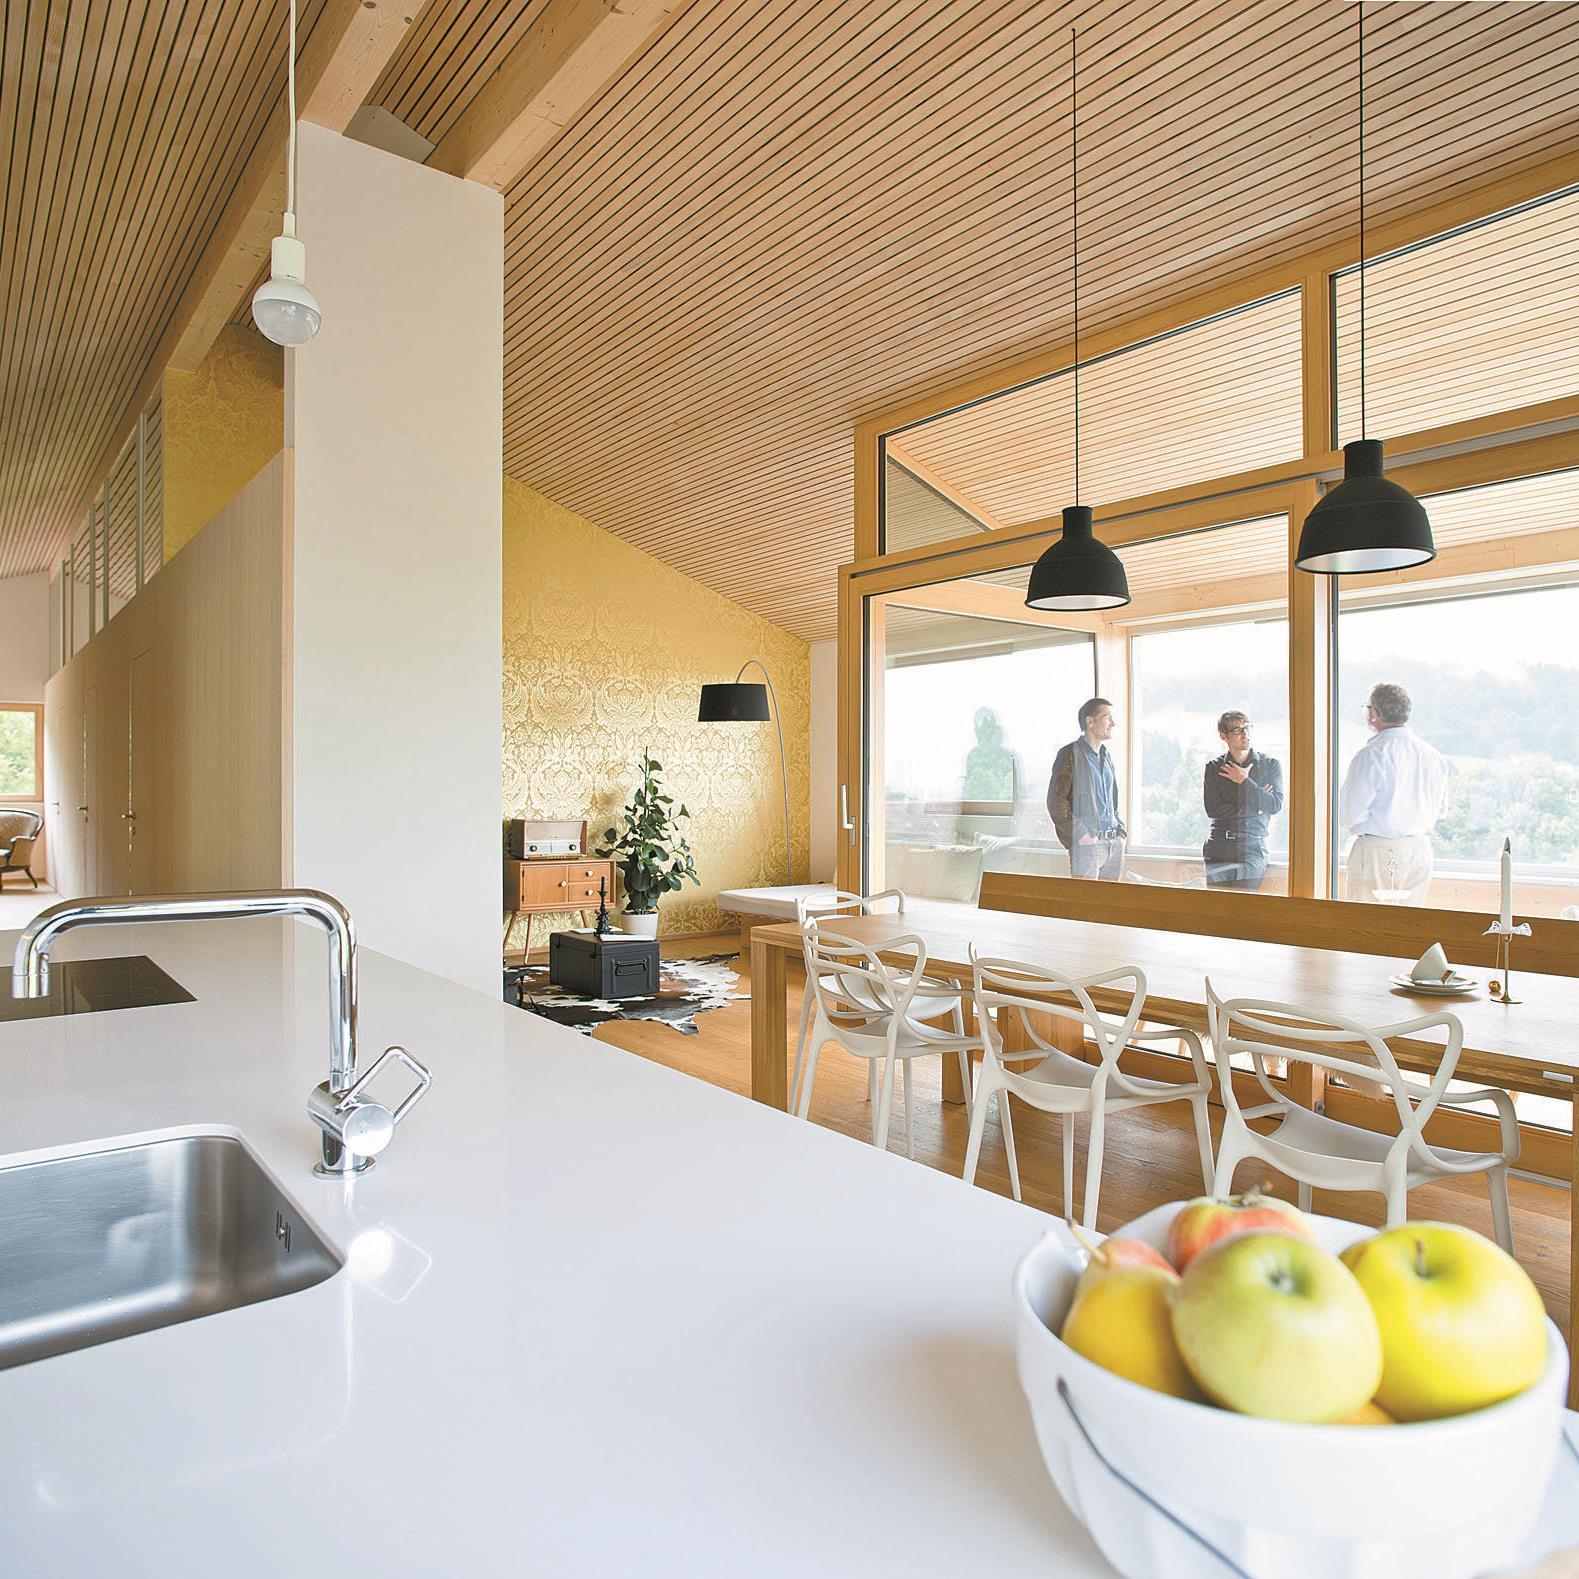 Bewegung im Haus – Kochen, Essen, frische Luft – steht im Vordergrund. Der eher bescheidene Wohnbereich hat dafür eine Goldtapete.